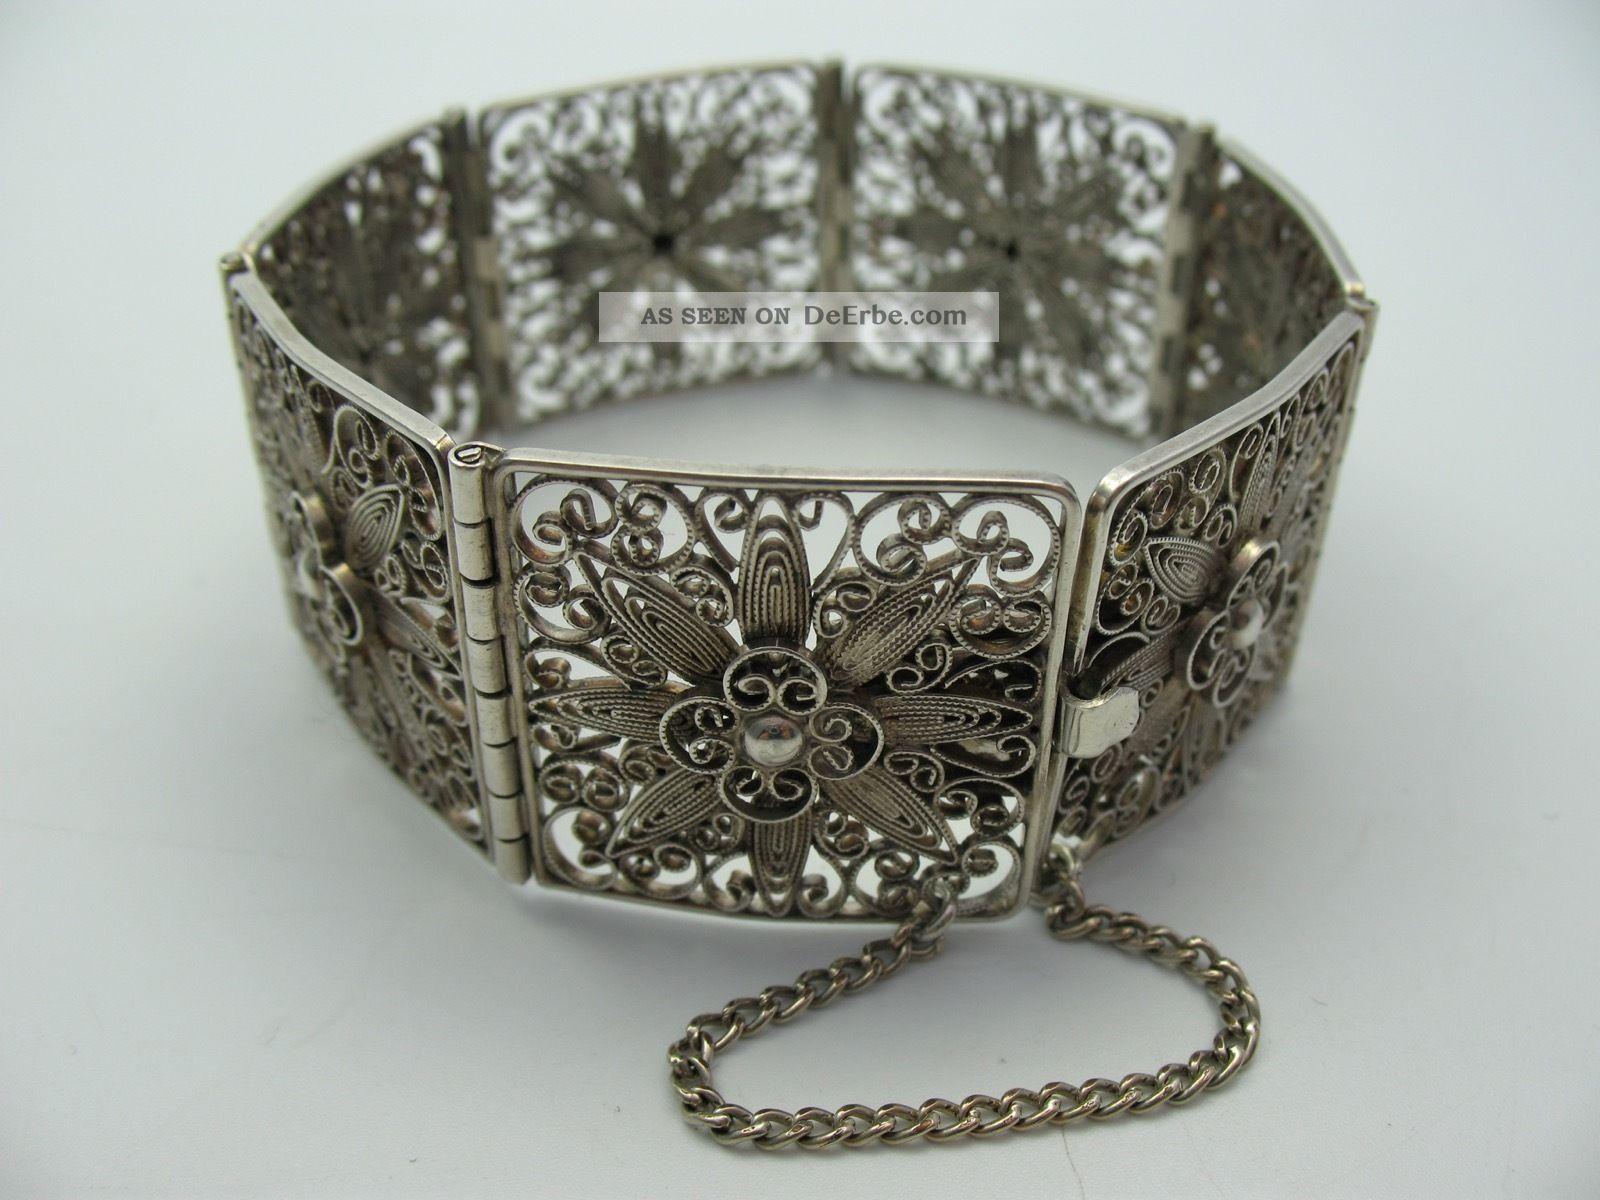 Handarbeit Top Breites Altes Filigranes Armband Aus 835 Silber Schmuck & Accessoires Bild